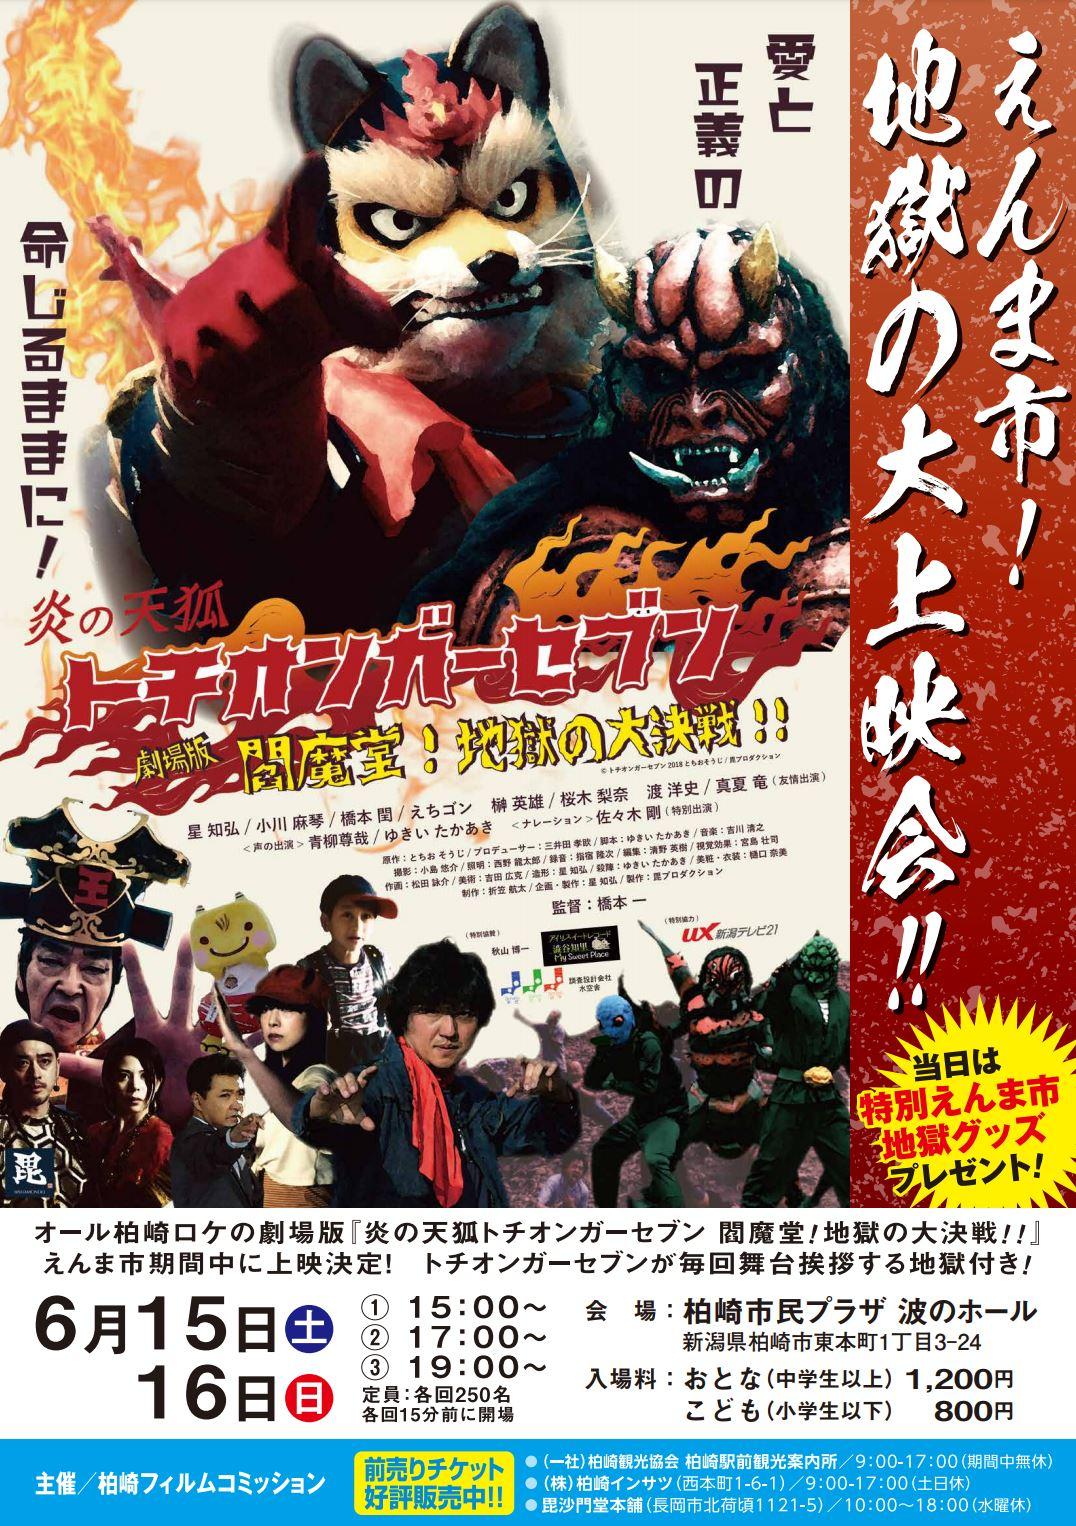 炎の天狐トチオンガーセブン「えんま市!地獄の大上映会」